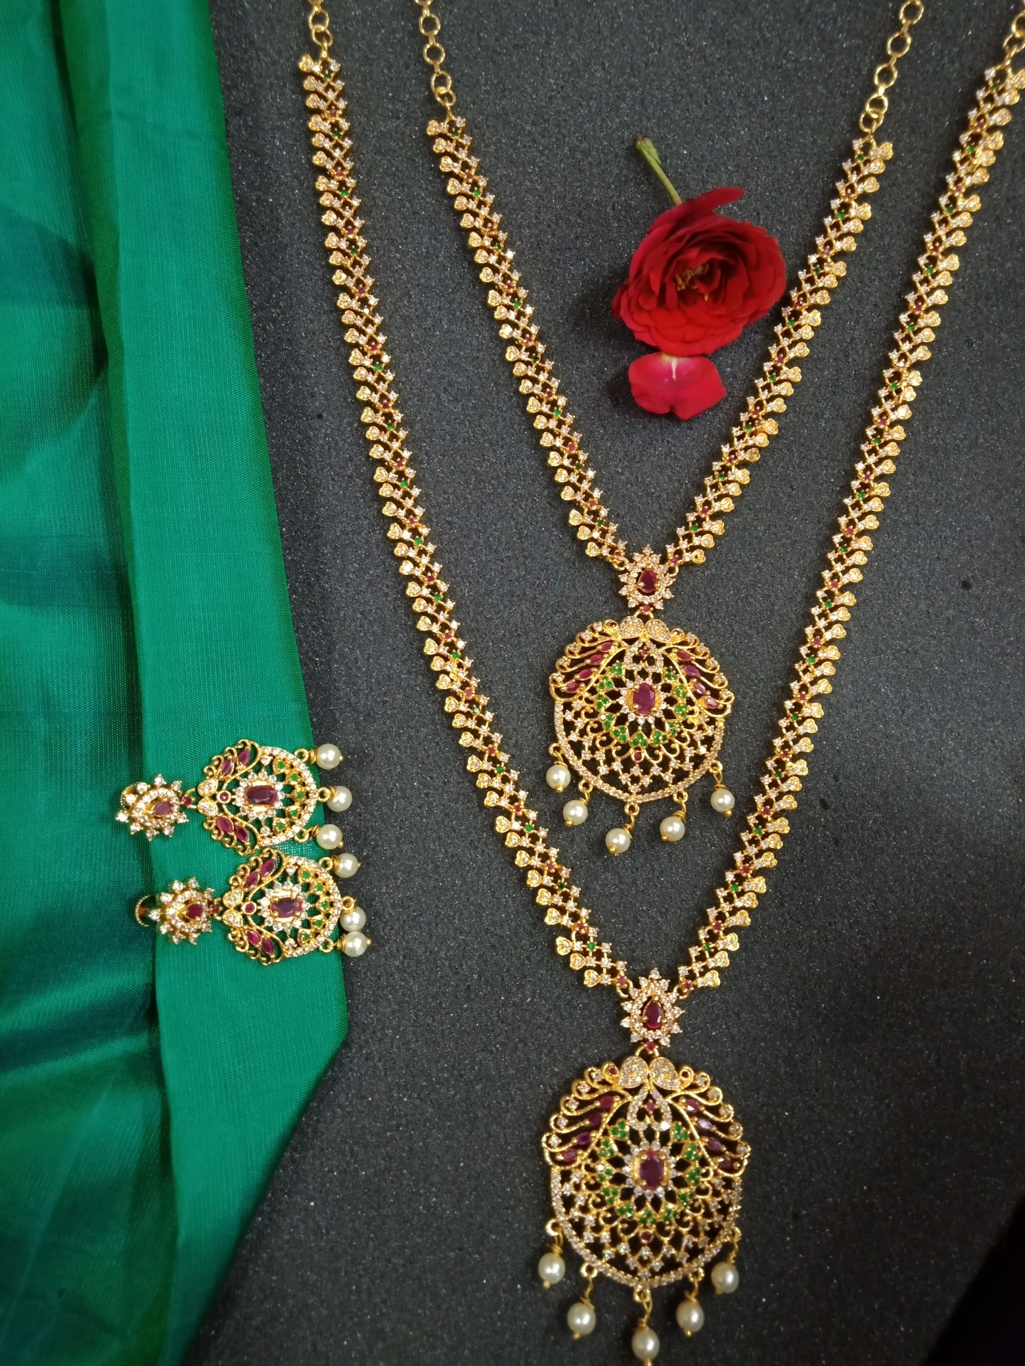 Haram Necklace Earring Bridal Set Cz